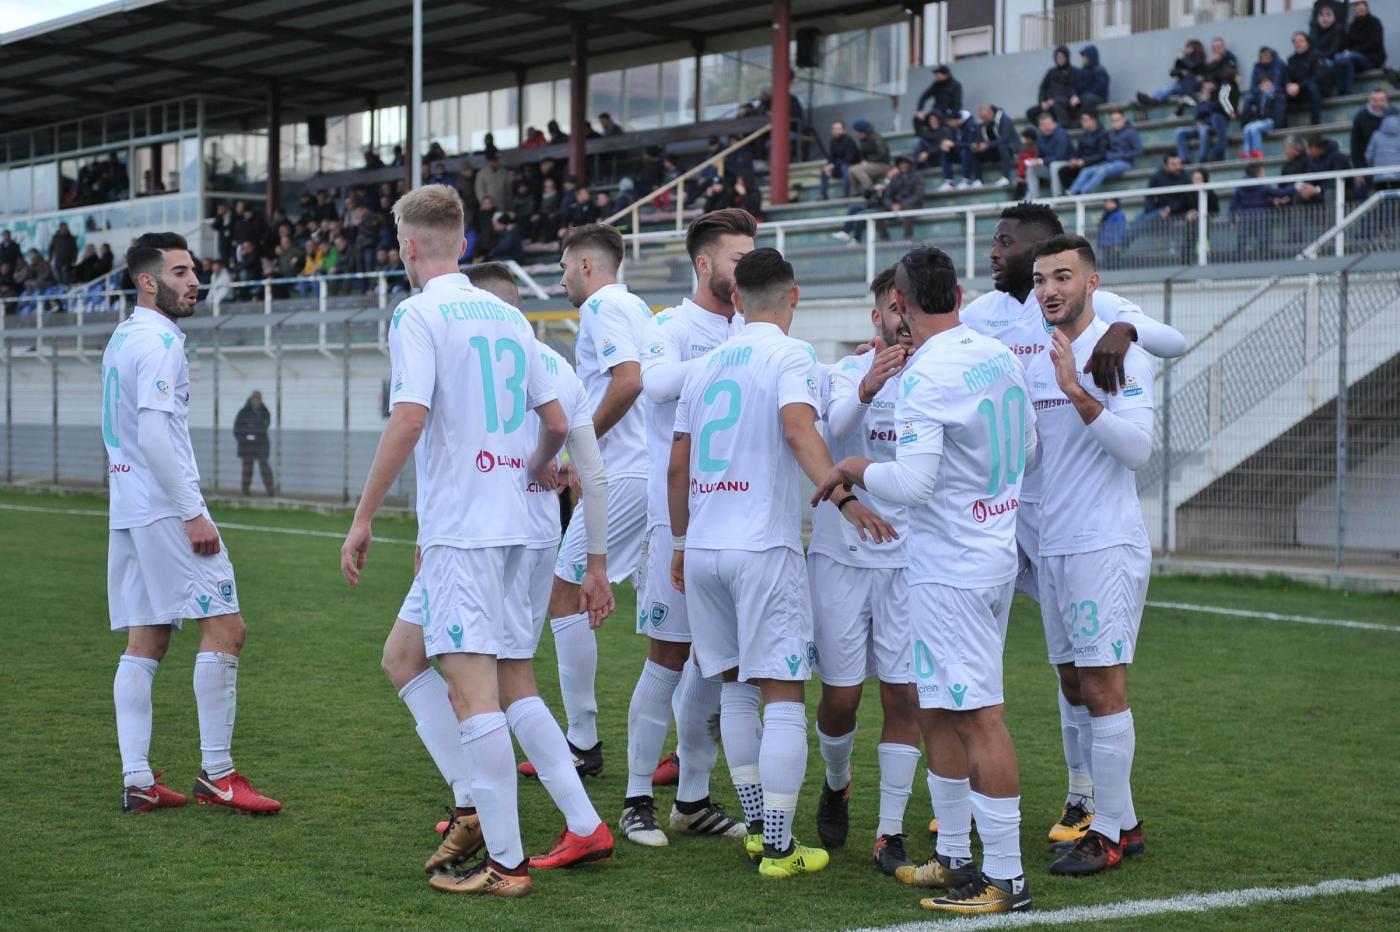 Serie C, Pro Patria-Olbia 20 gennaio: analisi e pronostico della giornata della terza divisione calcistica italiana